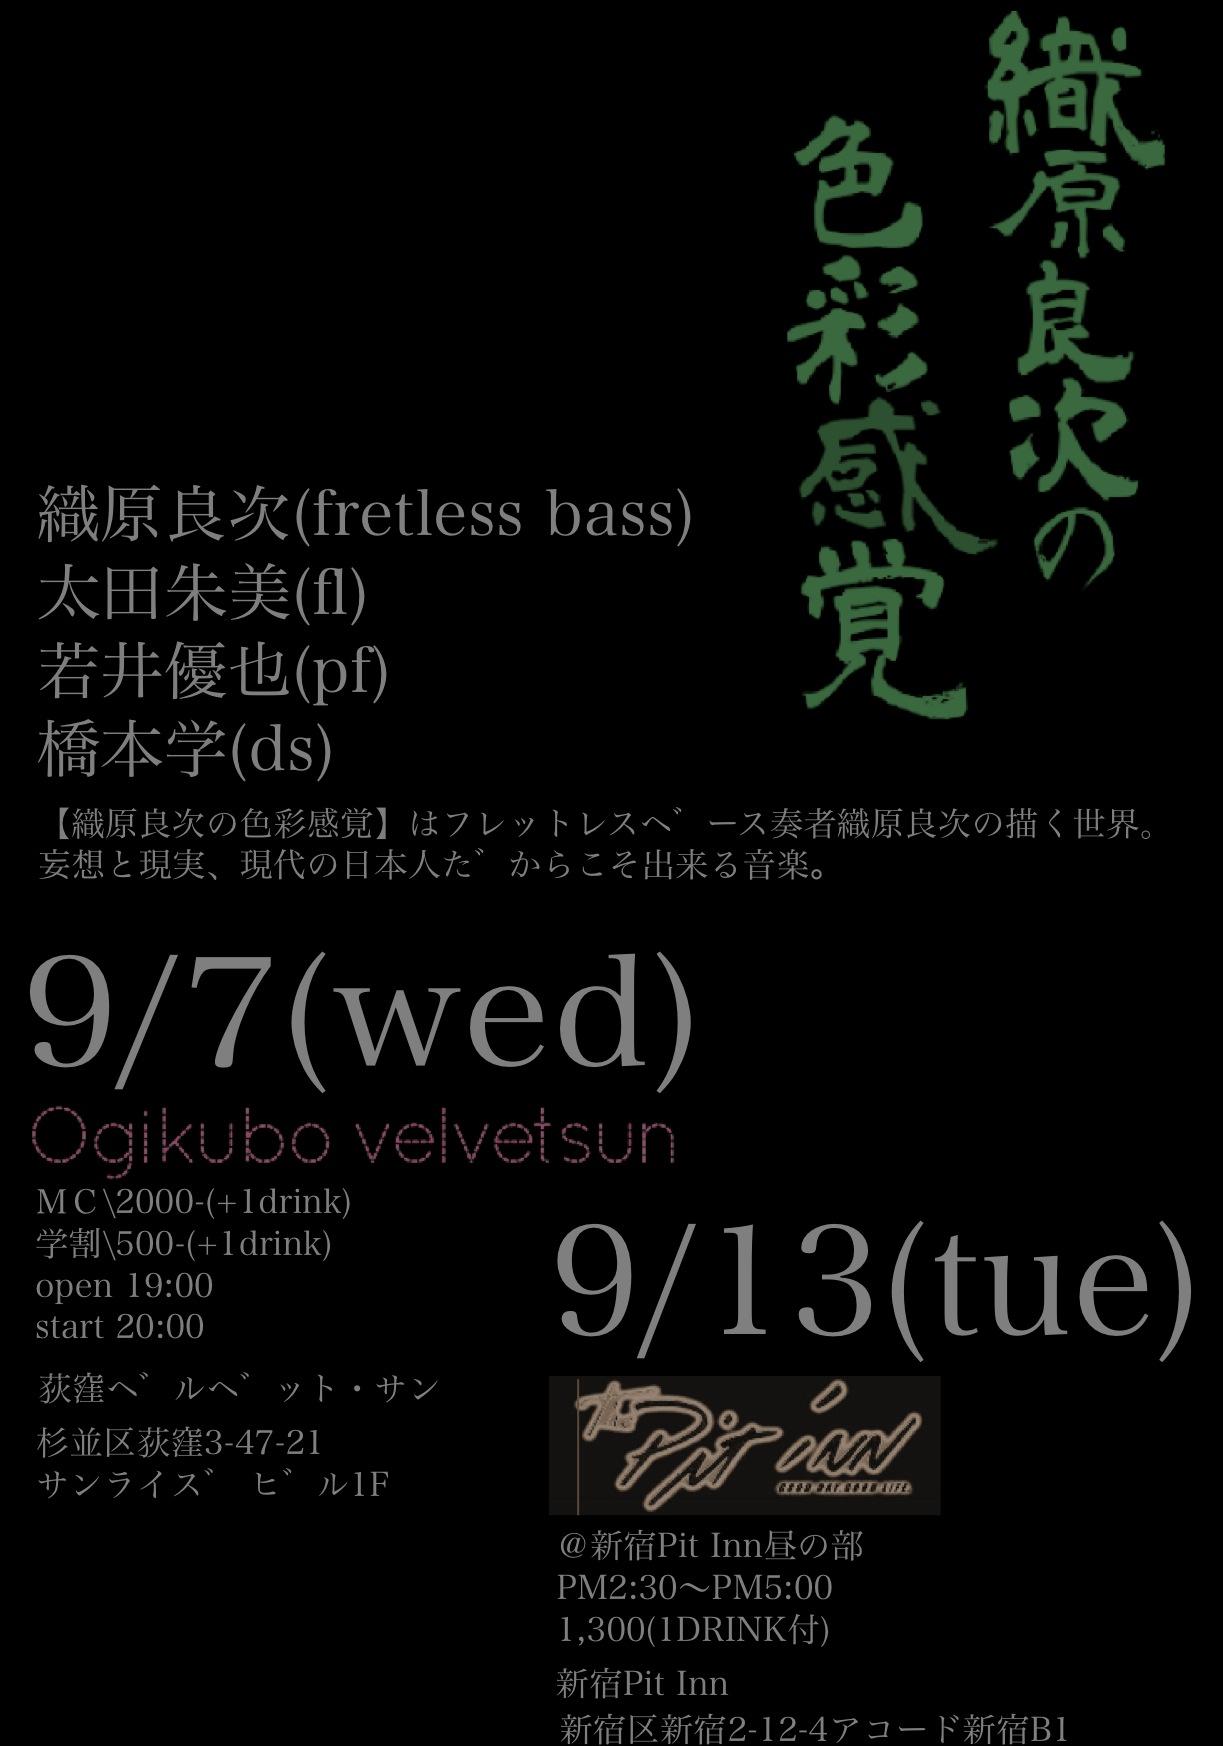 【織原良次の色彩感覚】次回@荻窪Velvet Sun9/7(wed)&新宿Pit Inn昼の部9/13(tue)!_c0080172_9283474.jpg